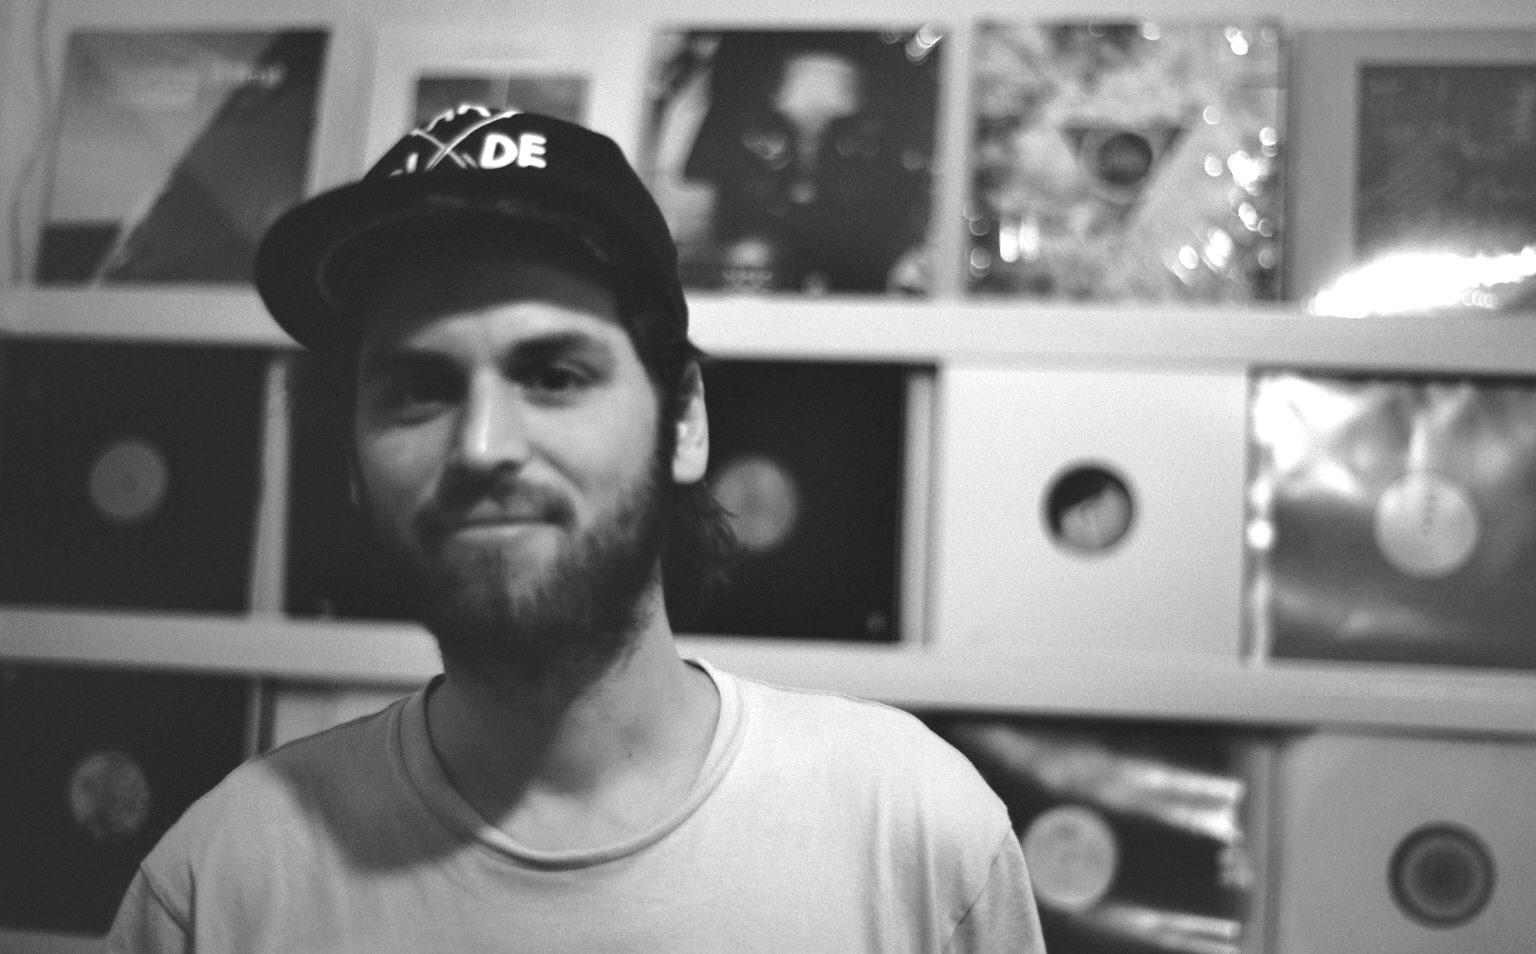 Julius Steinhoff's Vinyl Alter Ego